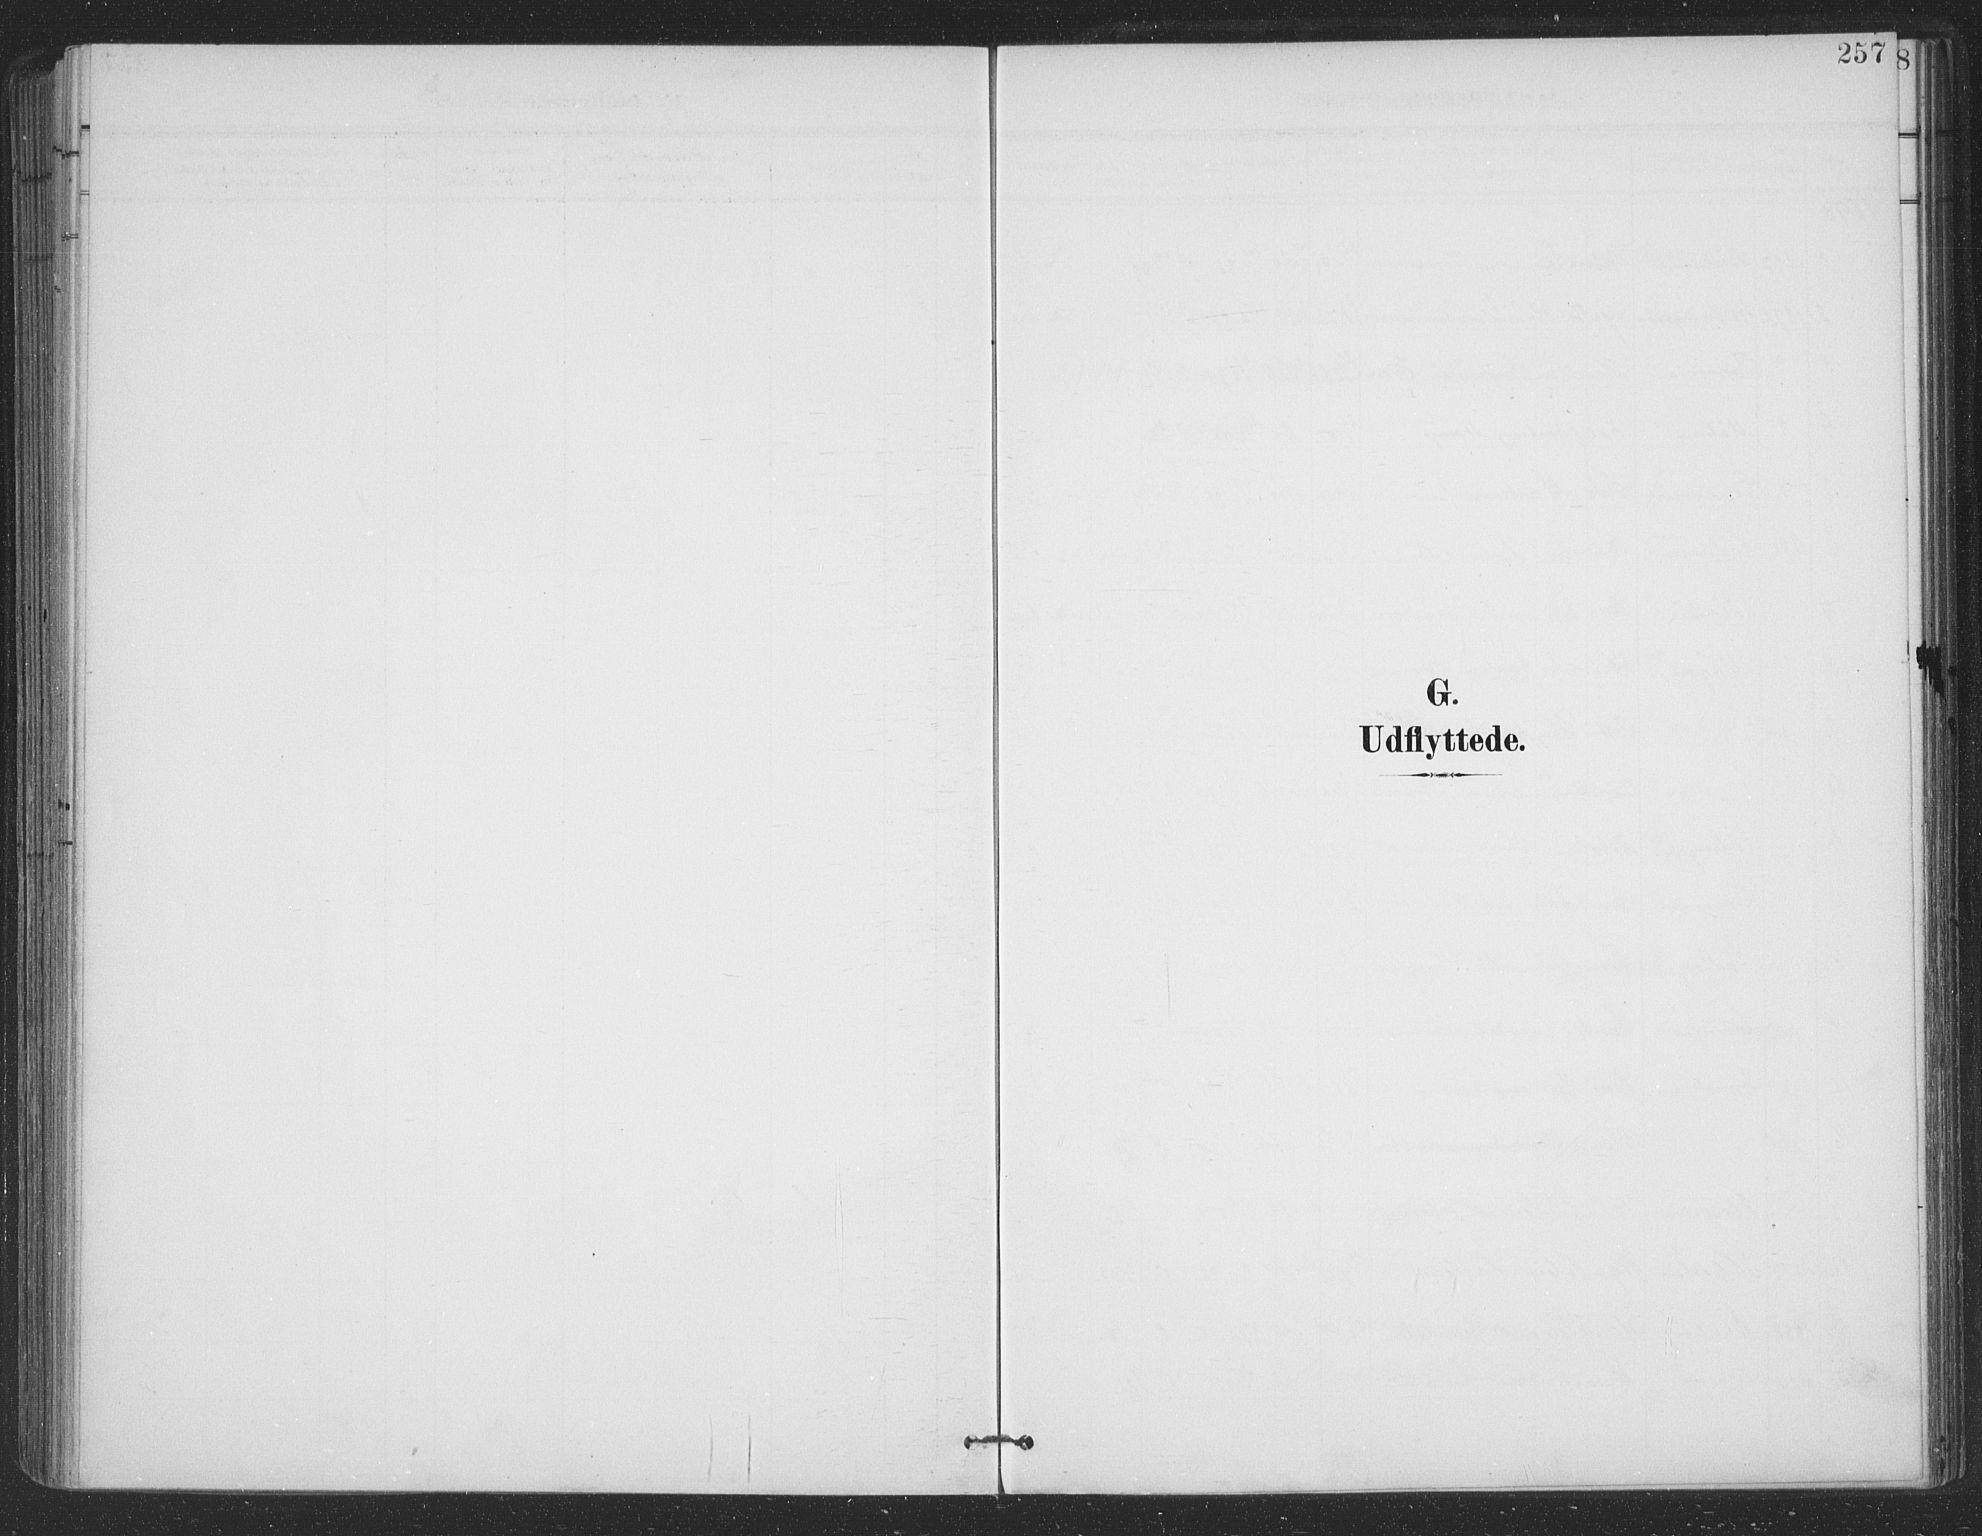 SAT, Ministerialprotokoller, klokkerbøker og fødselsregistre - Nordland, 863/L0899: Parish register (official) no. 863A11, 1897-1906, p. 257